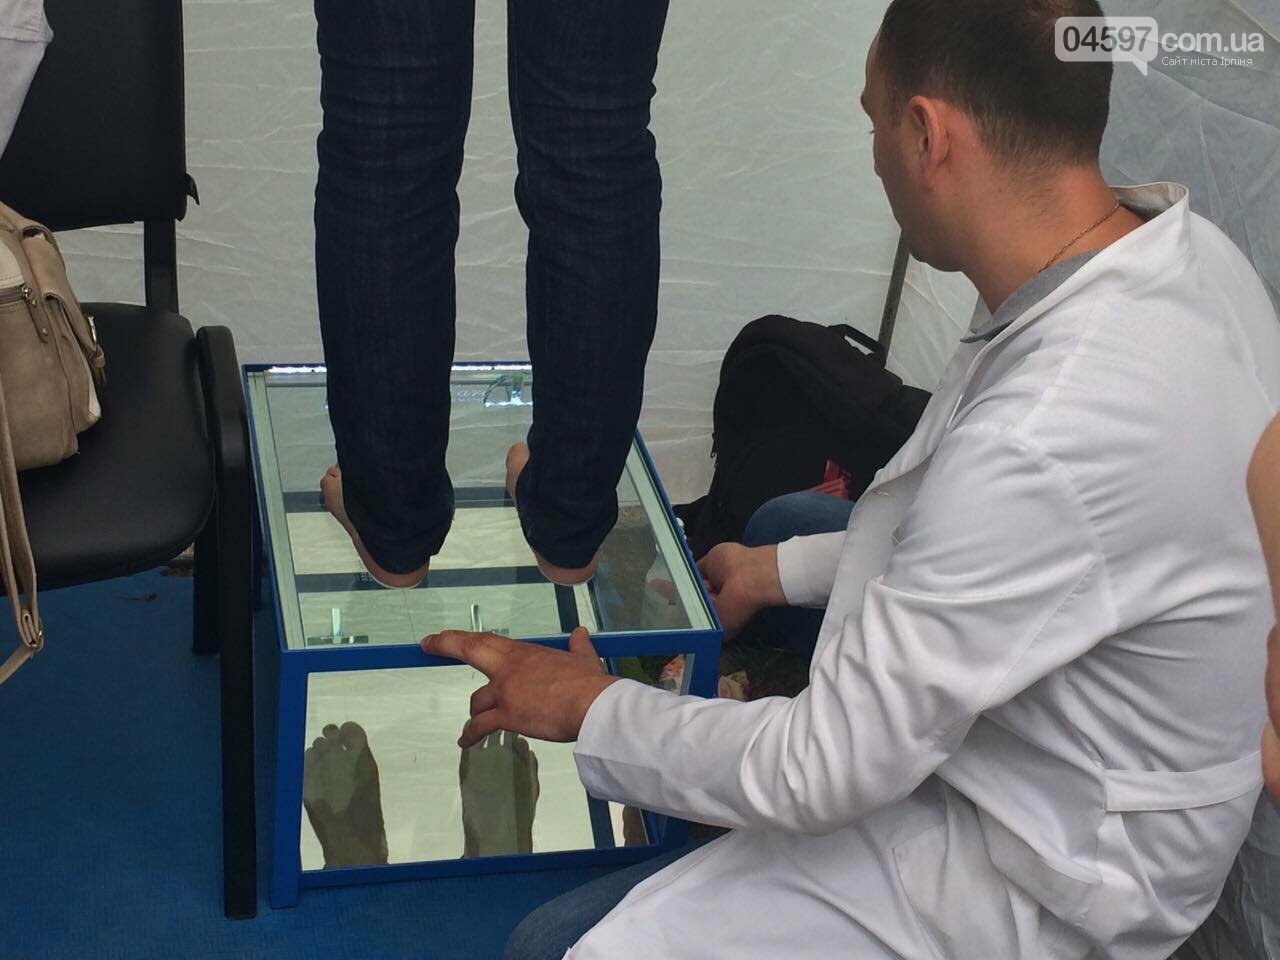 У парку Правика в Ірпені ажіотаж, щоб провести діагностику плоскостопості, фото-6